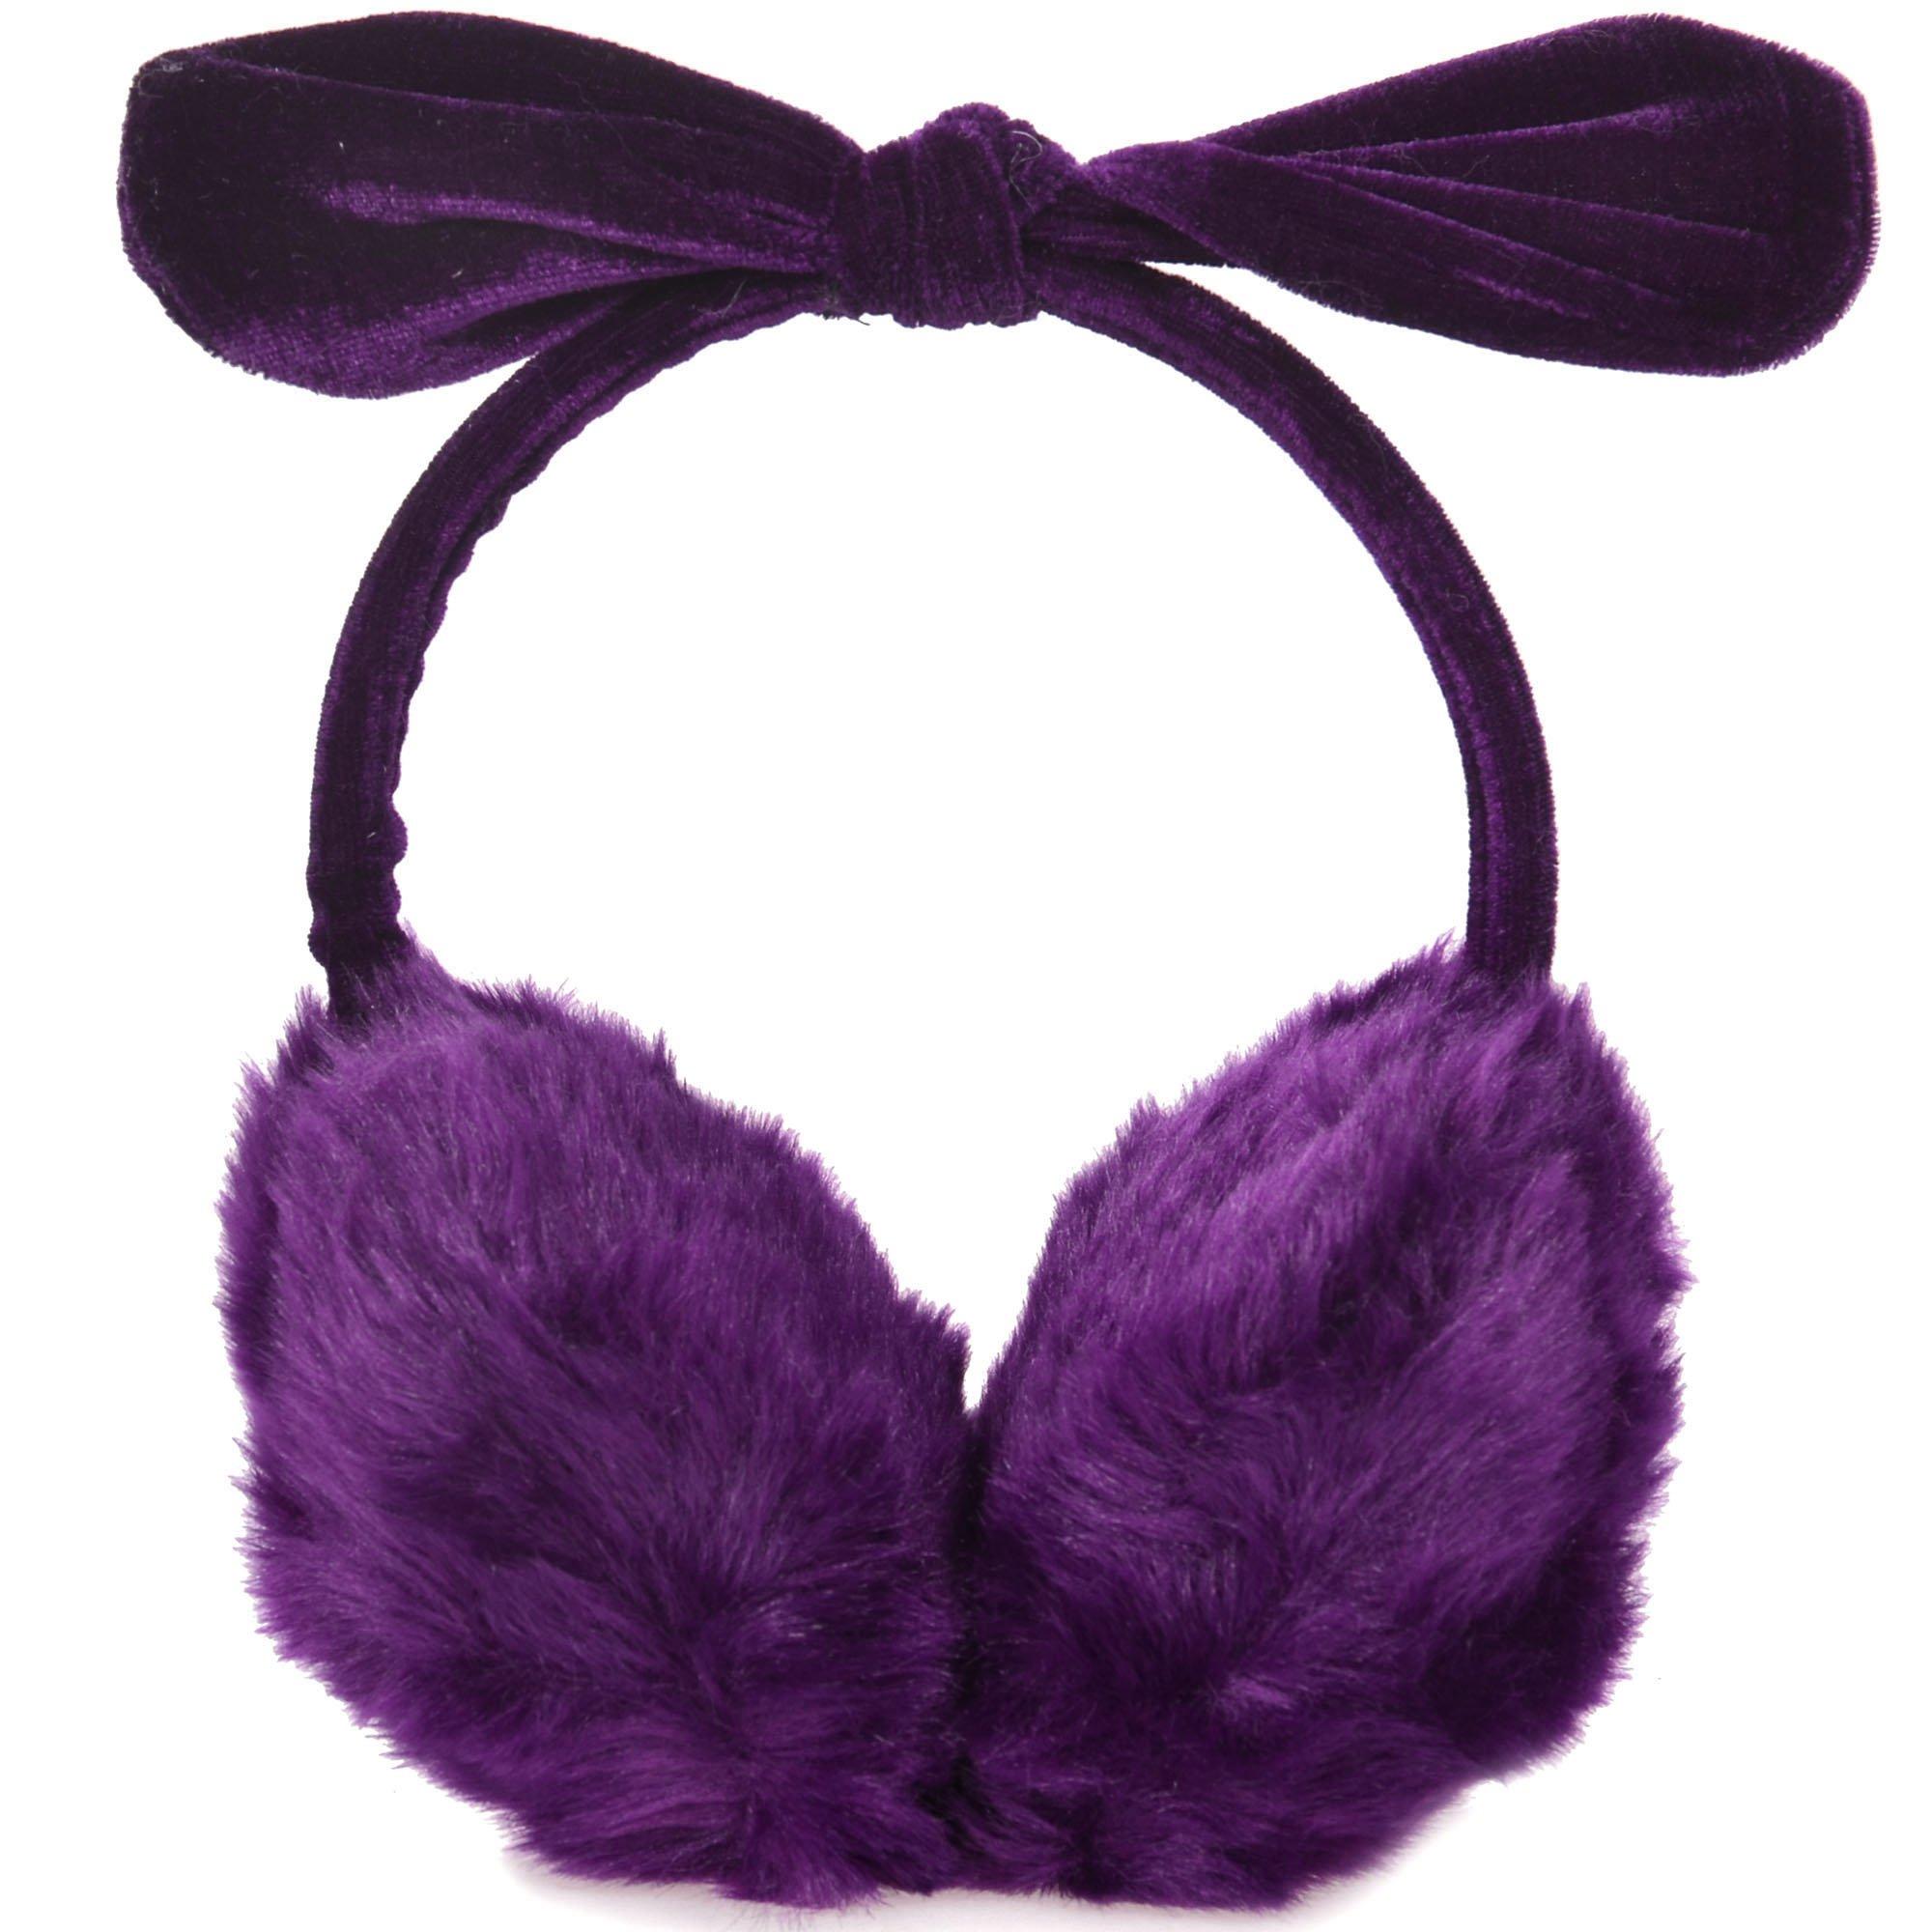 Simplicity Women's Faux Fur Earmuffs Winter Ear Warmers Fleece Bow, Purple